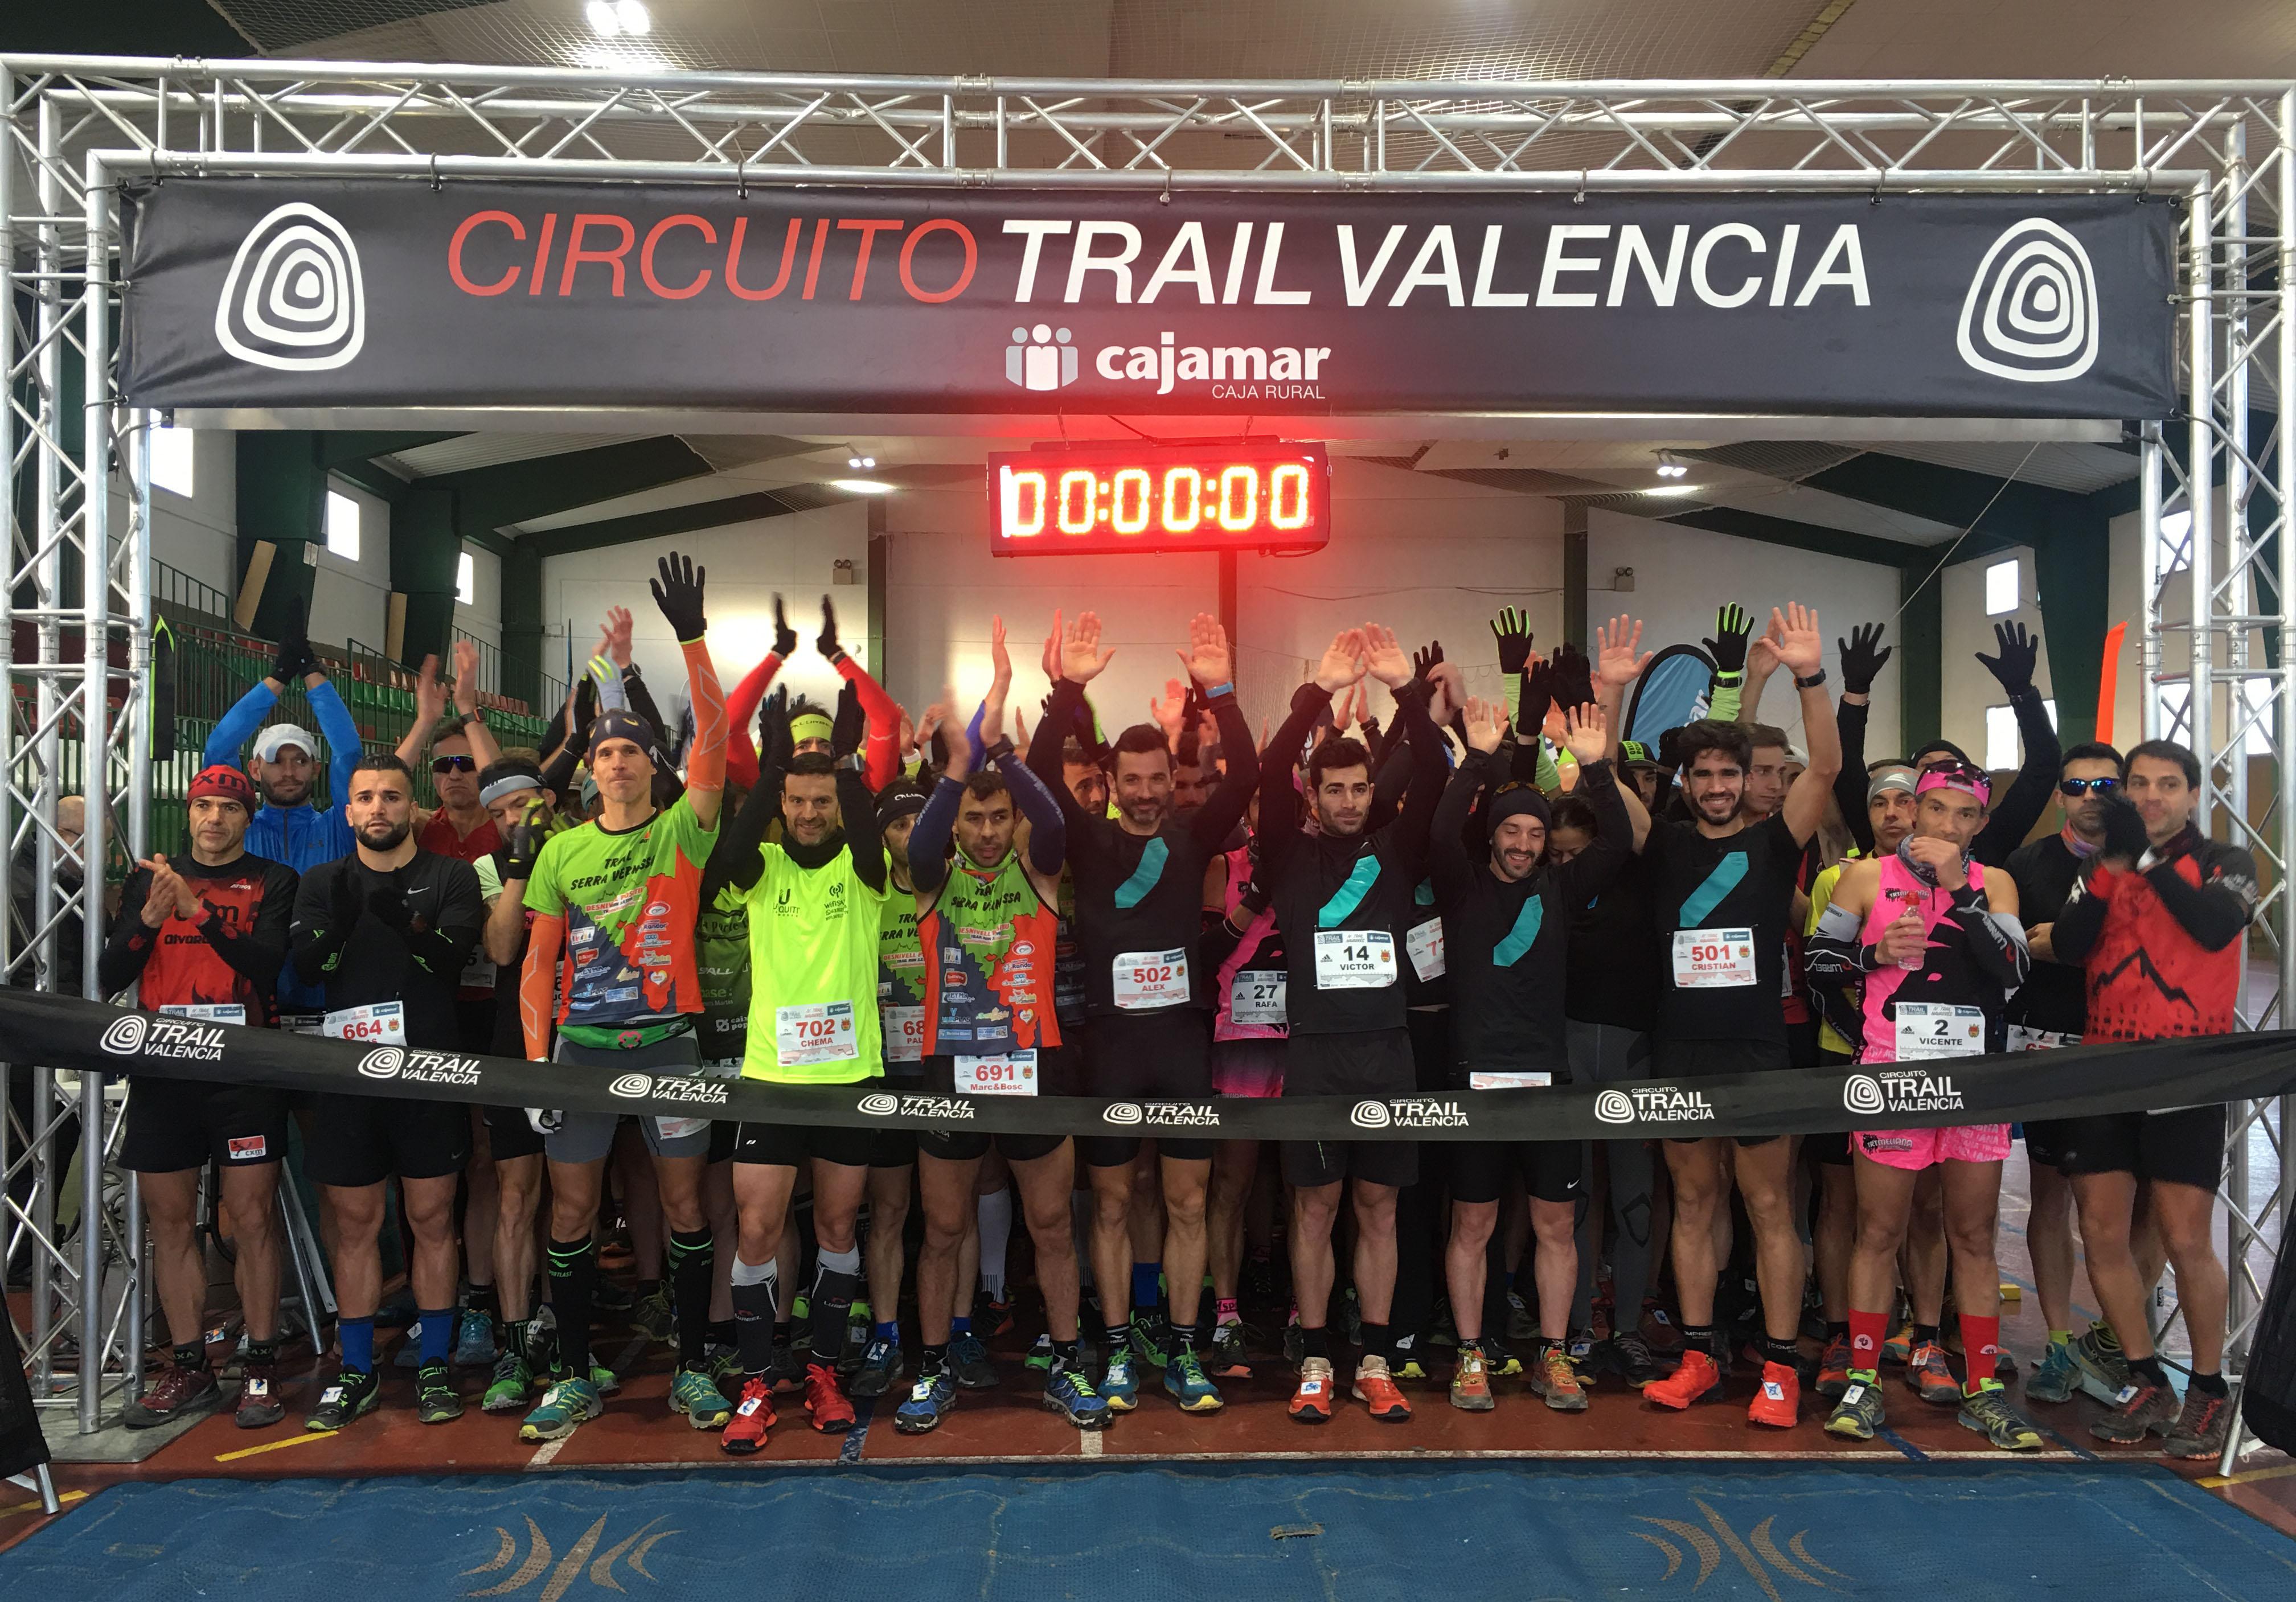 Más de 450 participantes tomaron la salida de la tercera prueba puntuable del Circuito Trail Valencia-Cajamar.